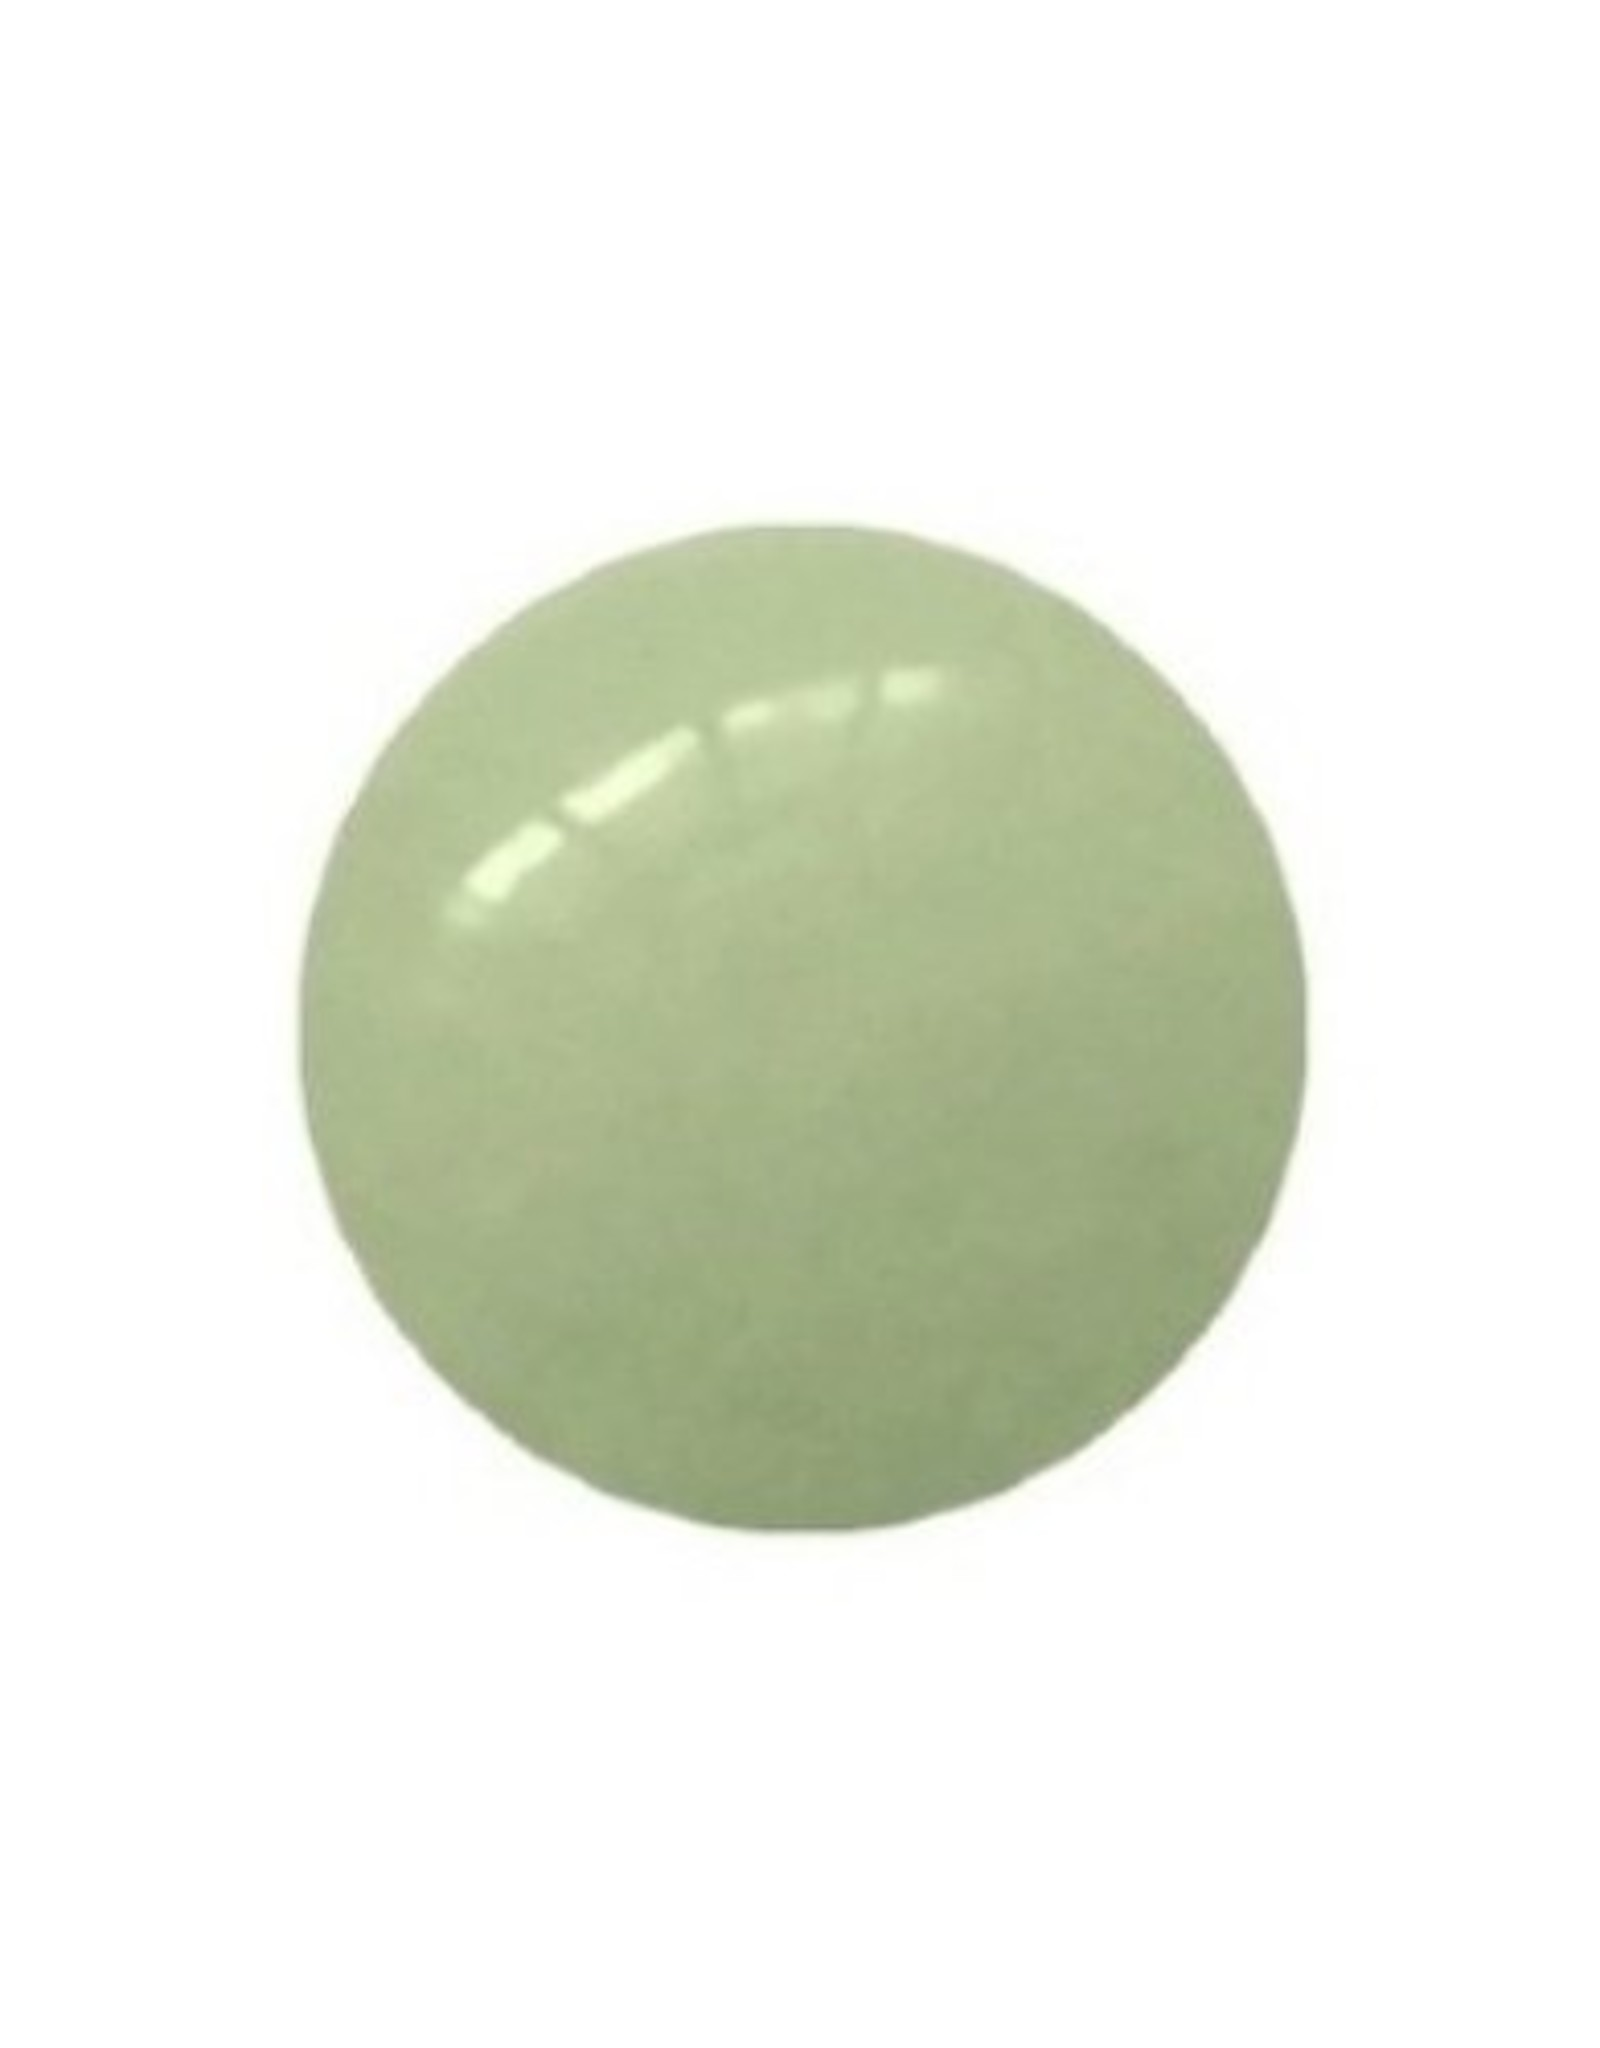 Wisselsteen Jade groen 12 mm